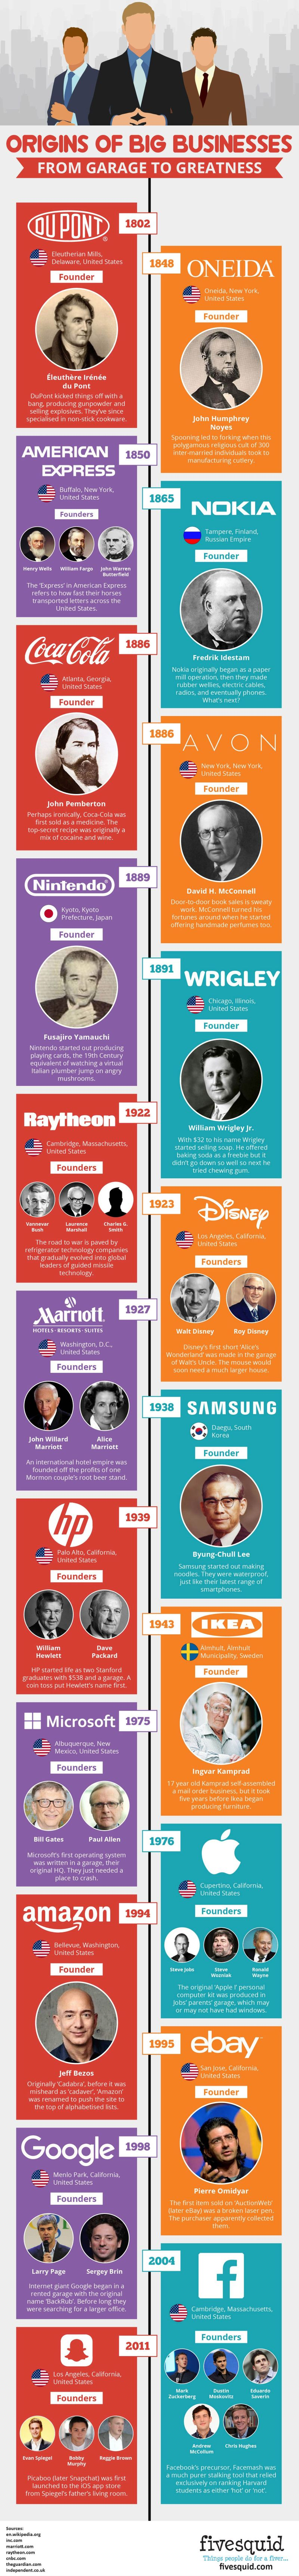 Lista de Grandes Empresas que tuvieron sus inicios en un Garaje